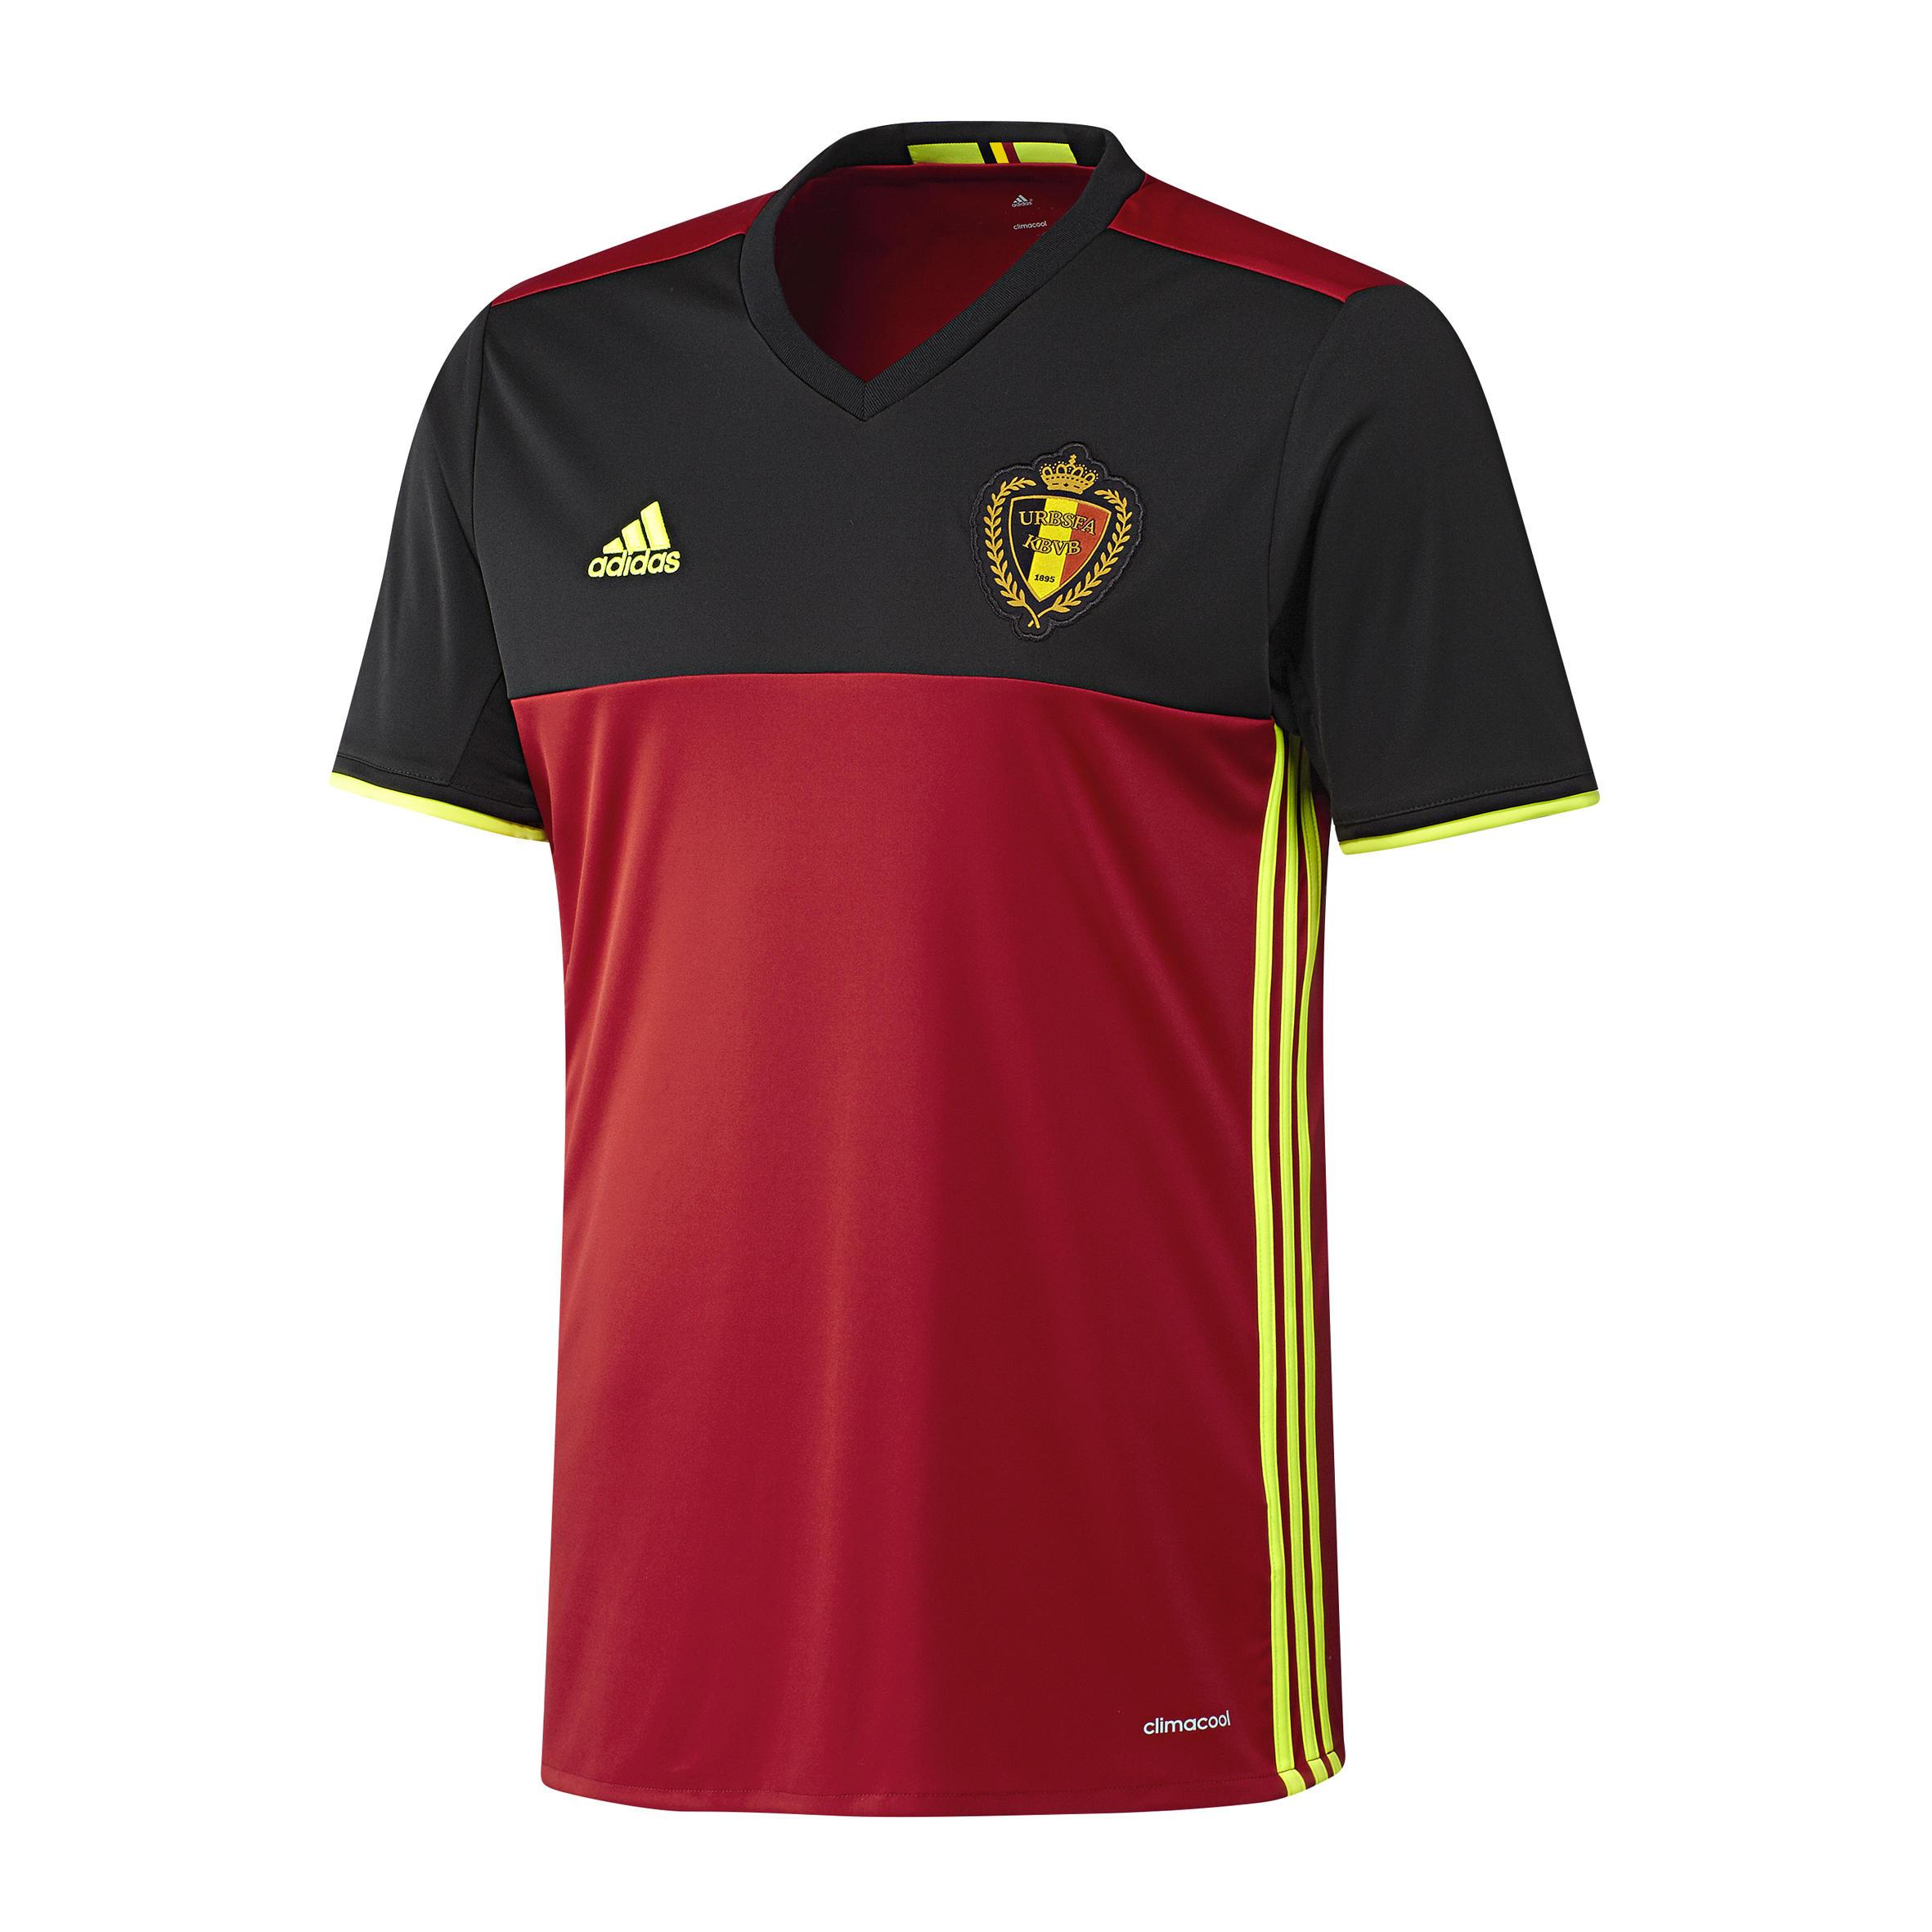 Voetbalshirt replica thuisshirt België 2016 voor kinderen